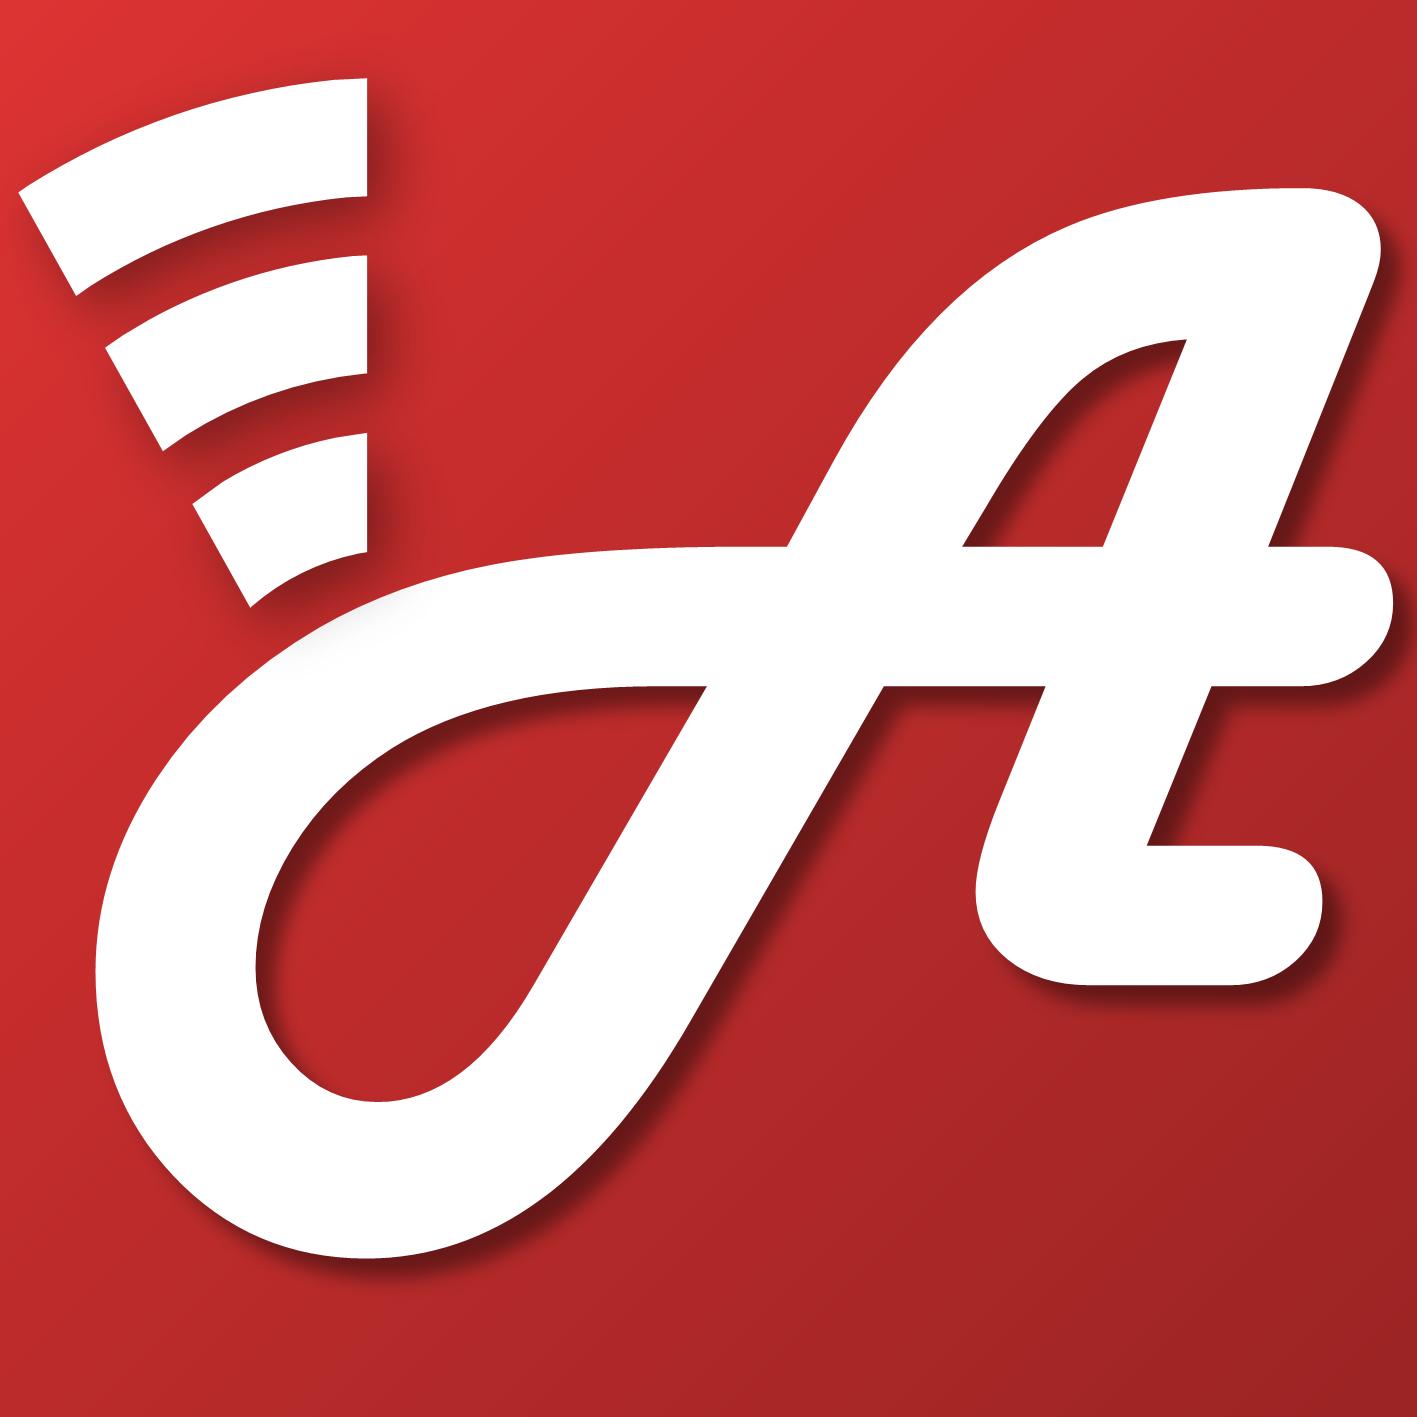 logo of Amaoke